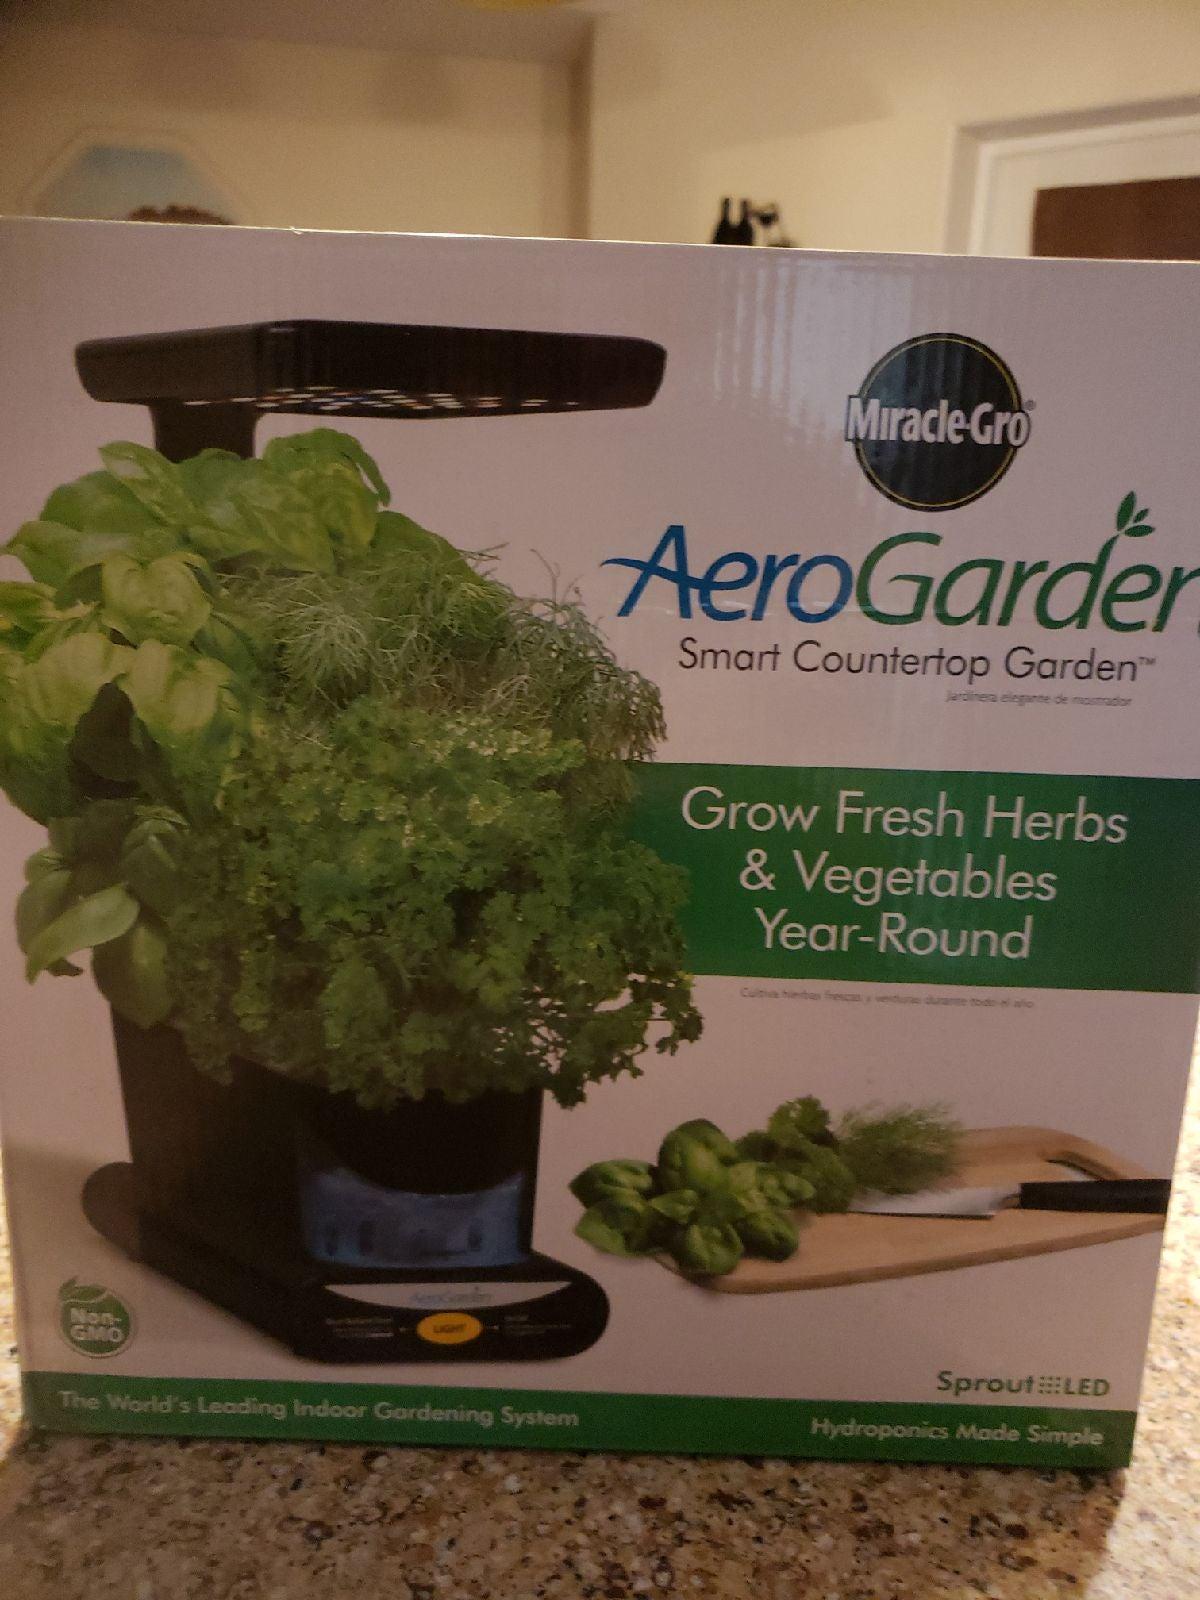 Miracle gro aero Garden